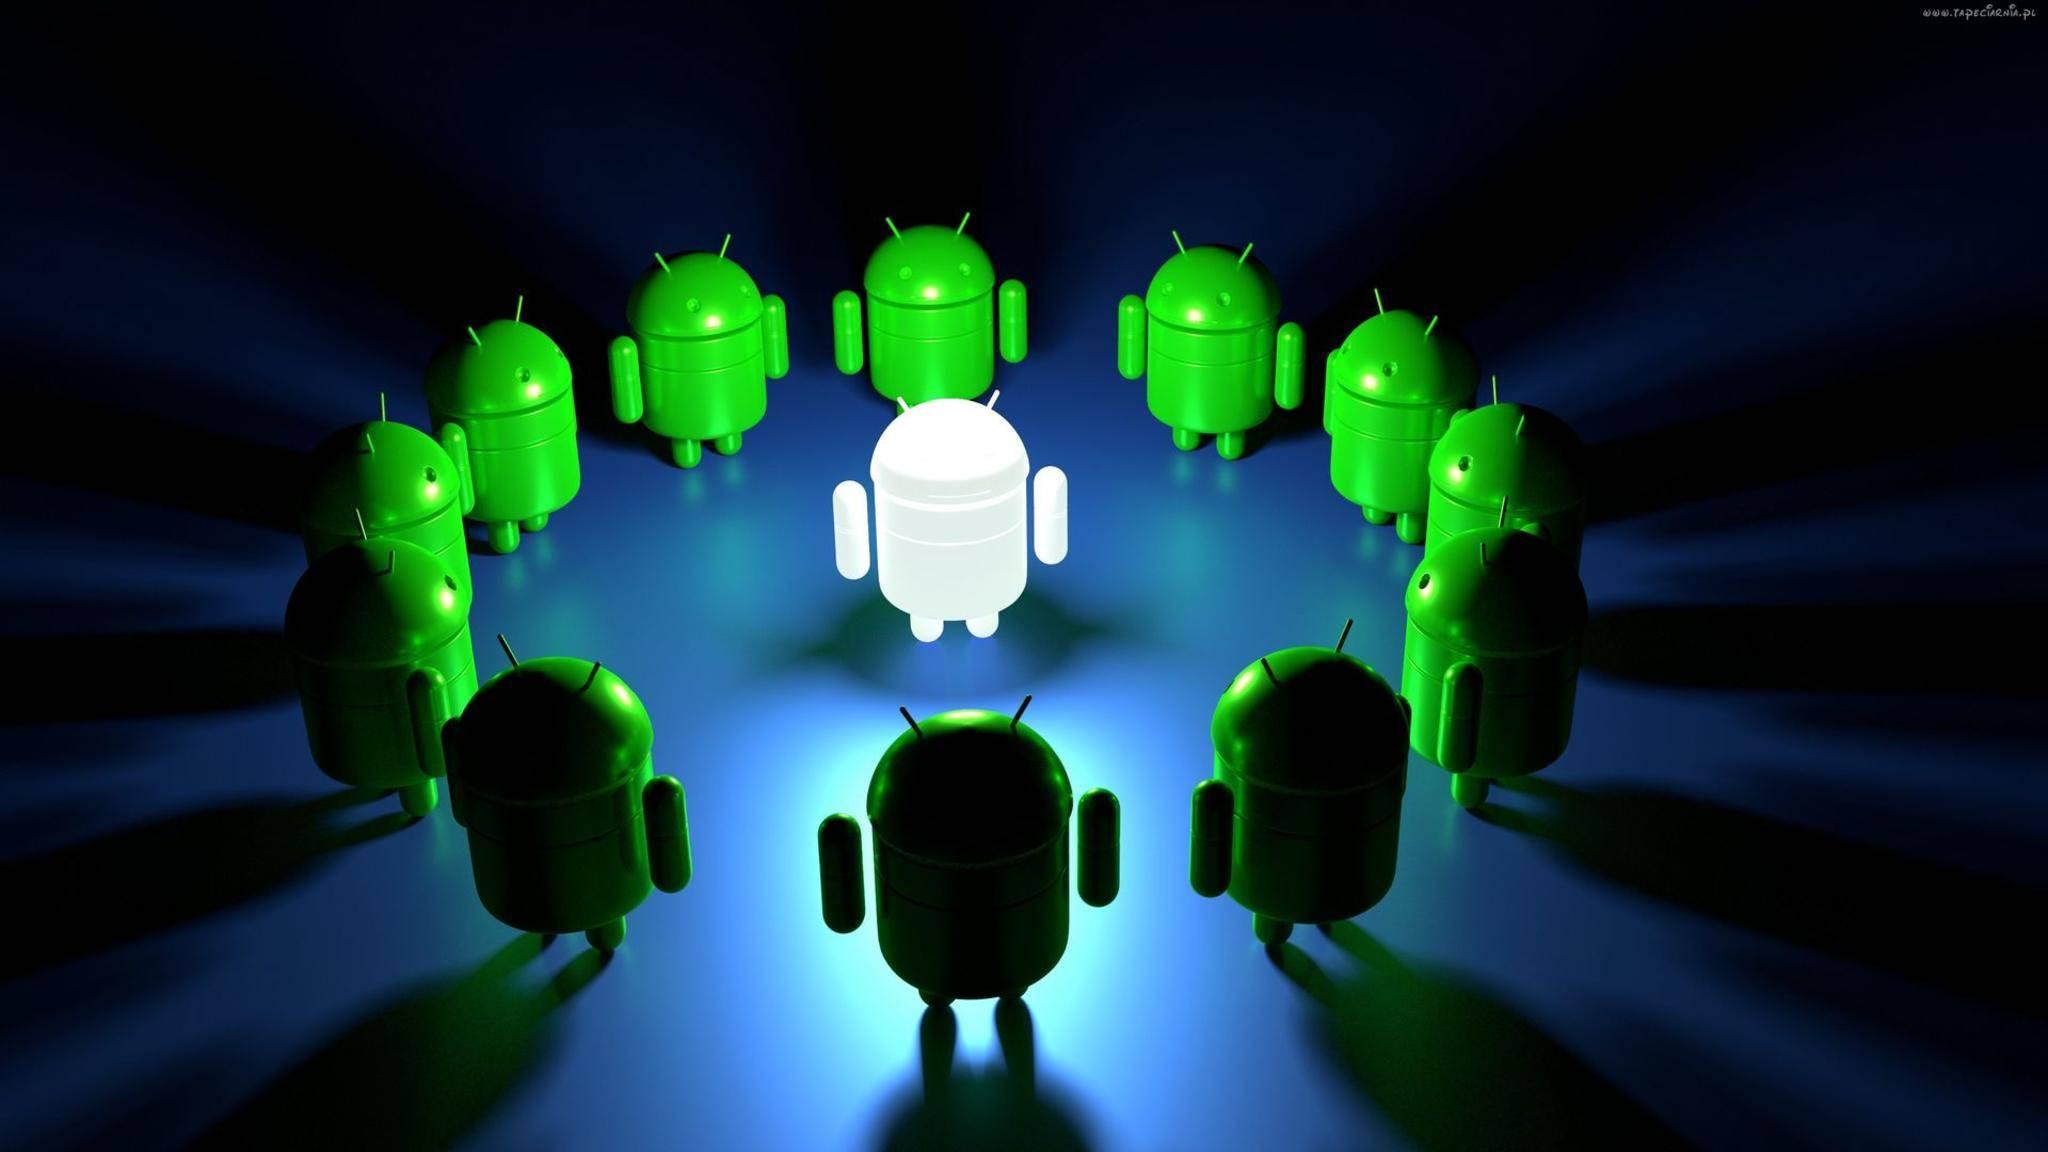 Auch unter Android kannst Du deine Privatsphäre schützen.